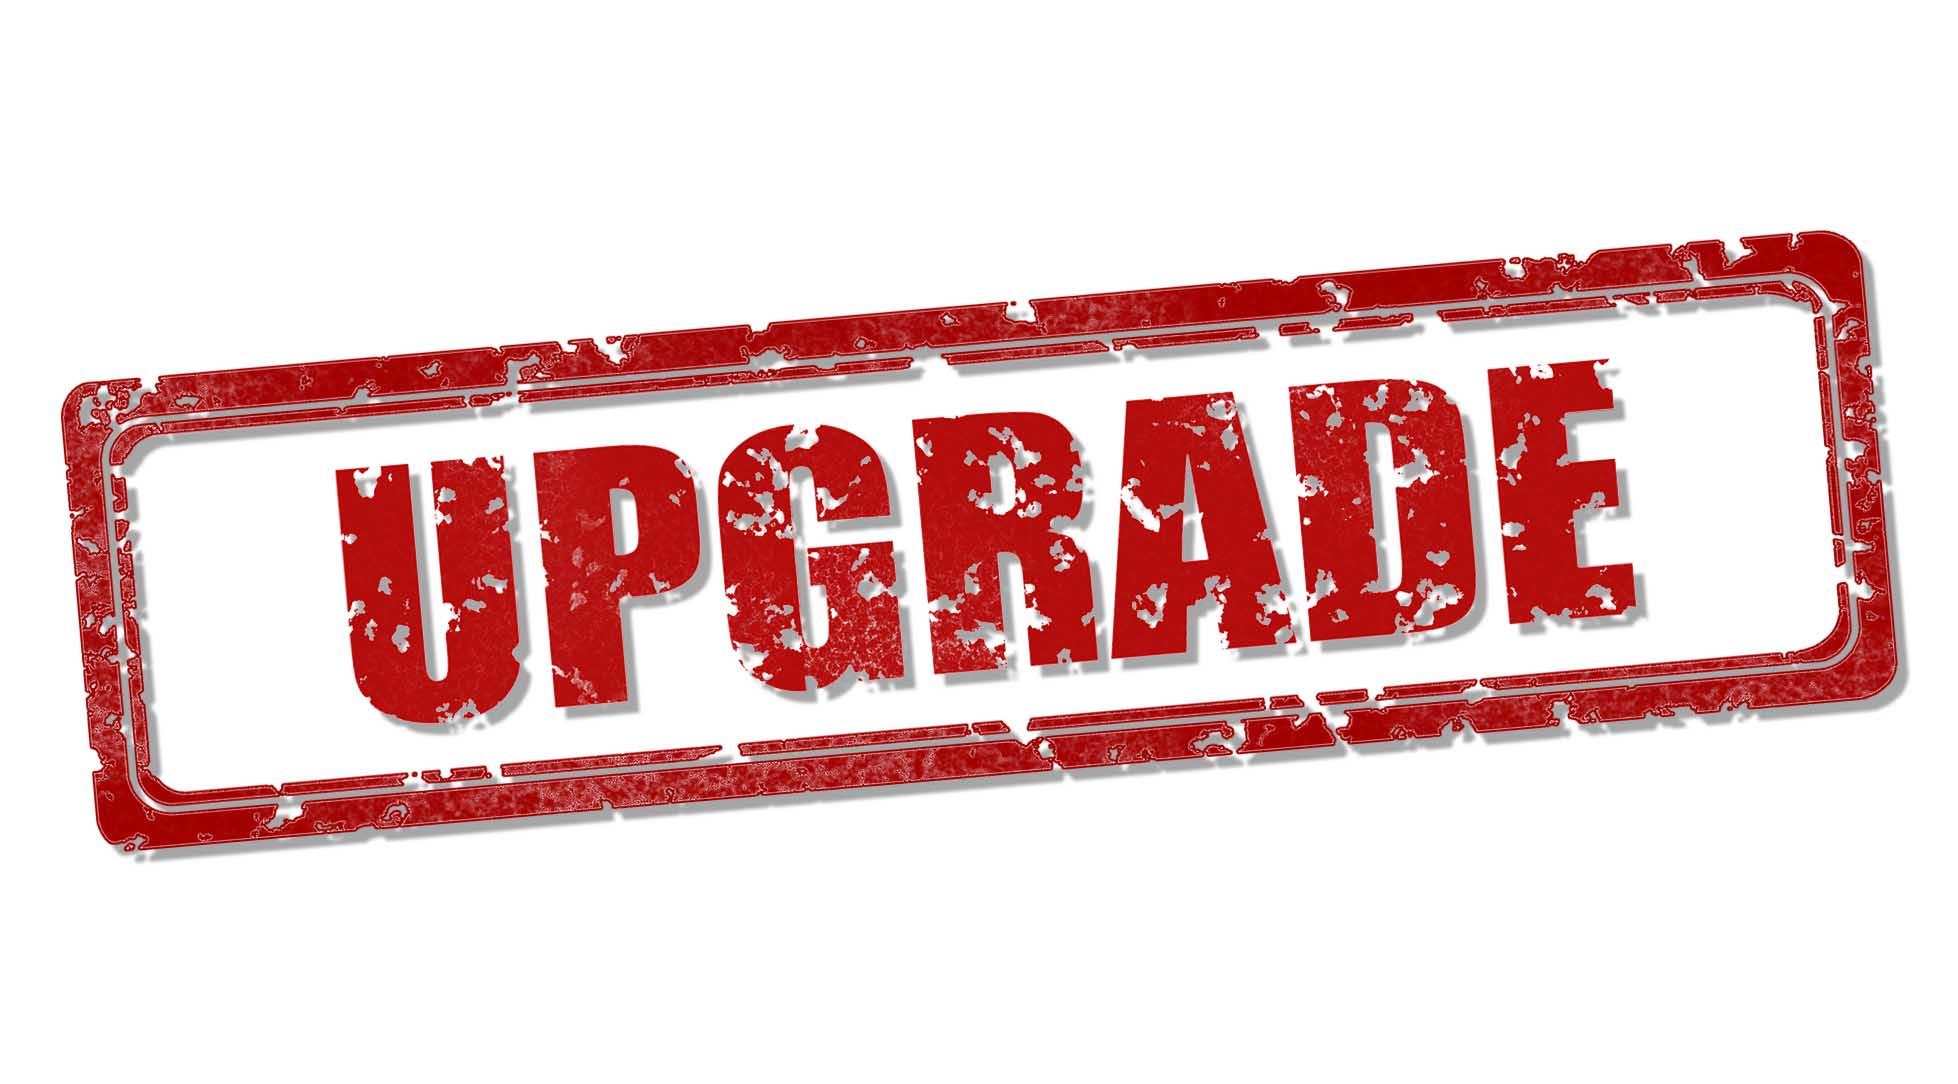 Het ging weer mis met en beoogde Windiows 10 upgrade (bron afbeelding: https://pixabay.com/nl/update-upgrade-vernieuwen-1672359/)